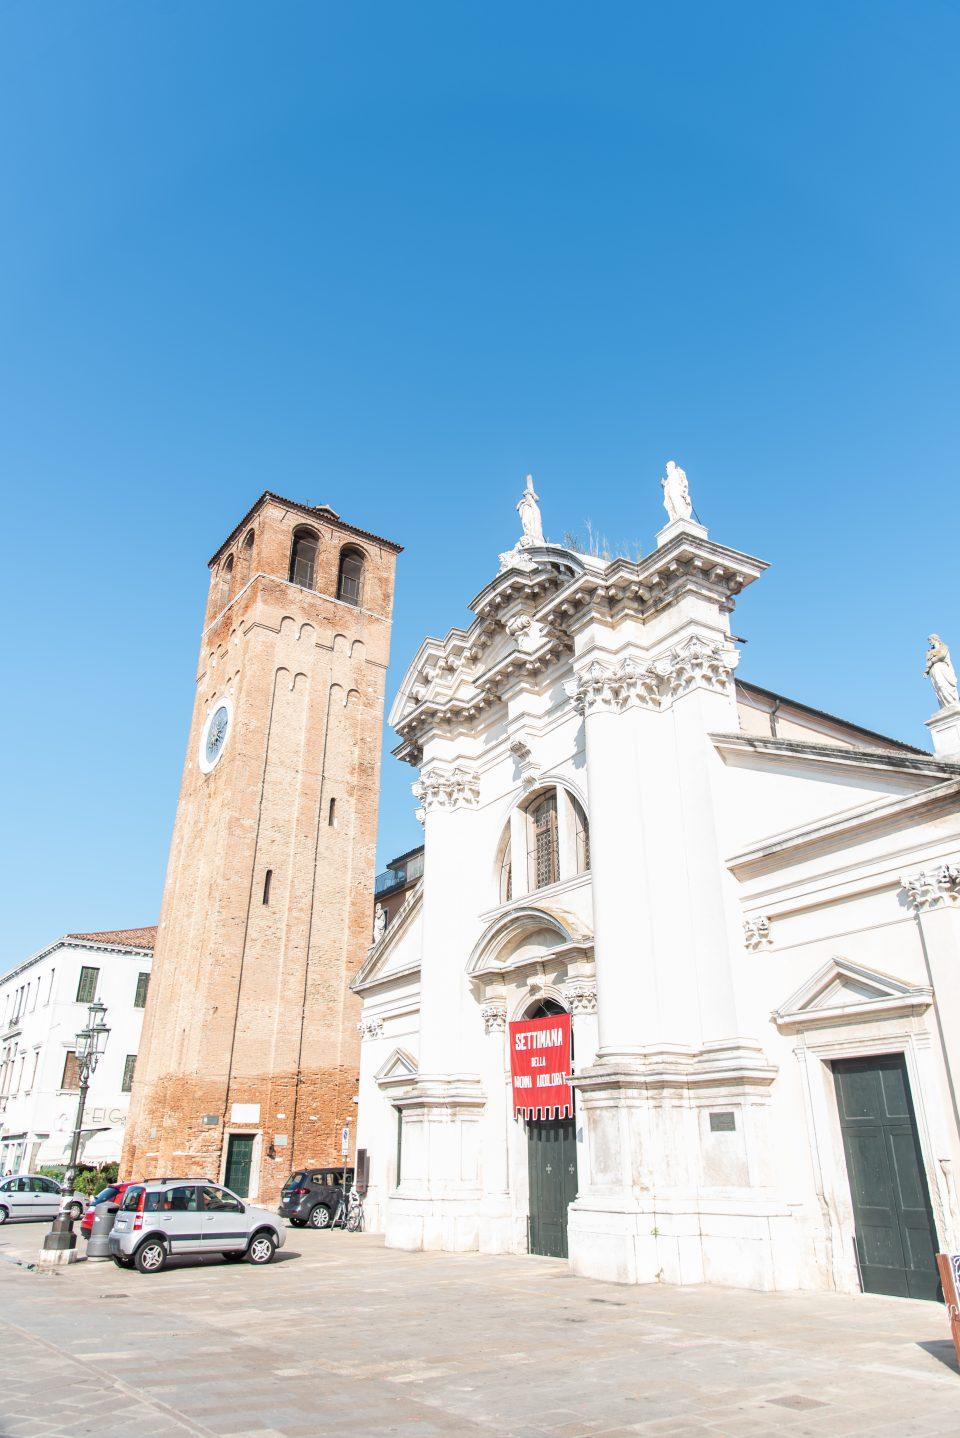 Torre dell'orologio - Chioggia - cosa vedere a chioggia - istanti in viaggio - torre di sant'andrea